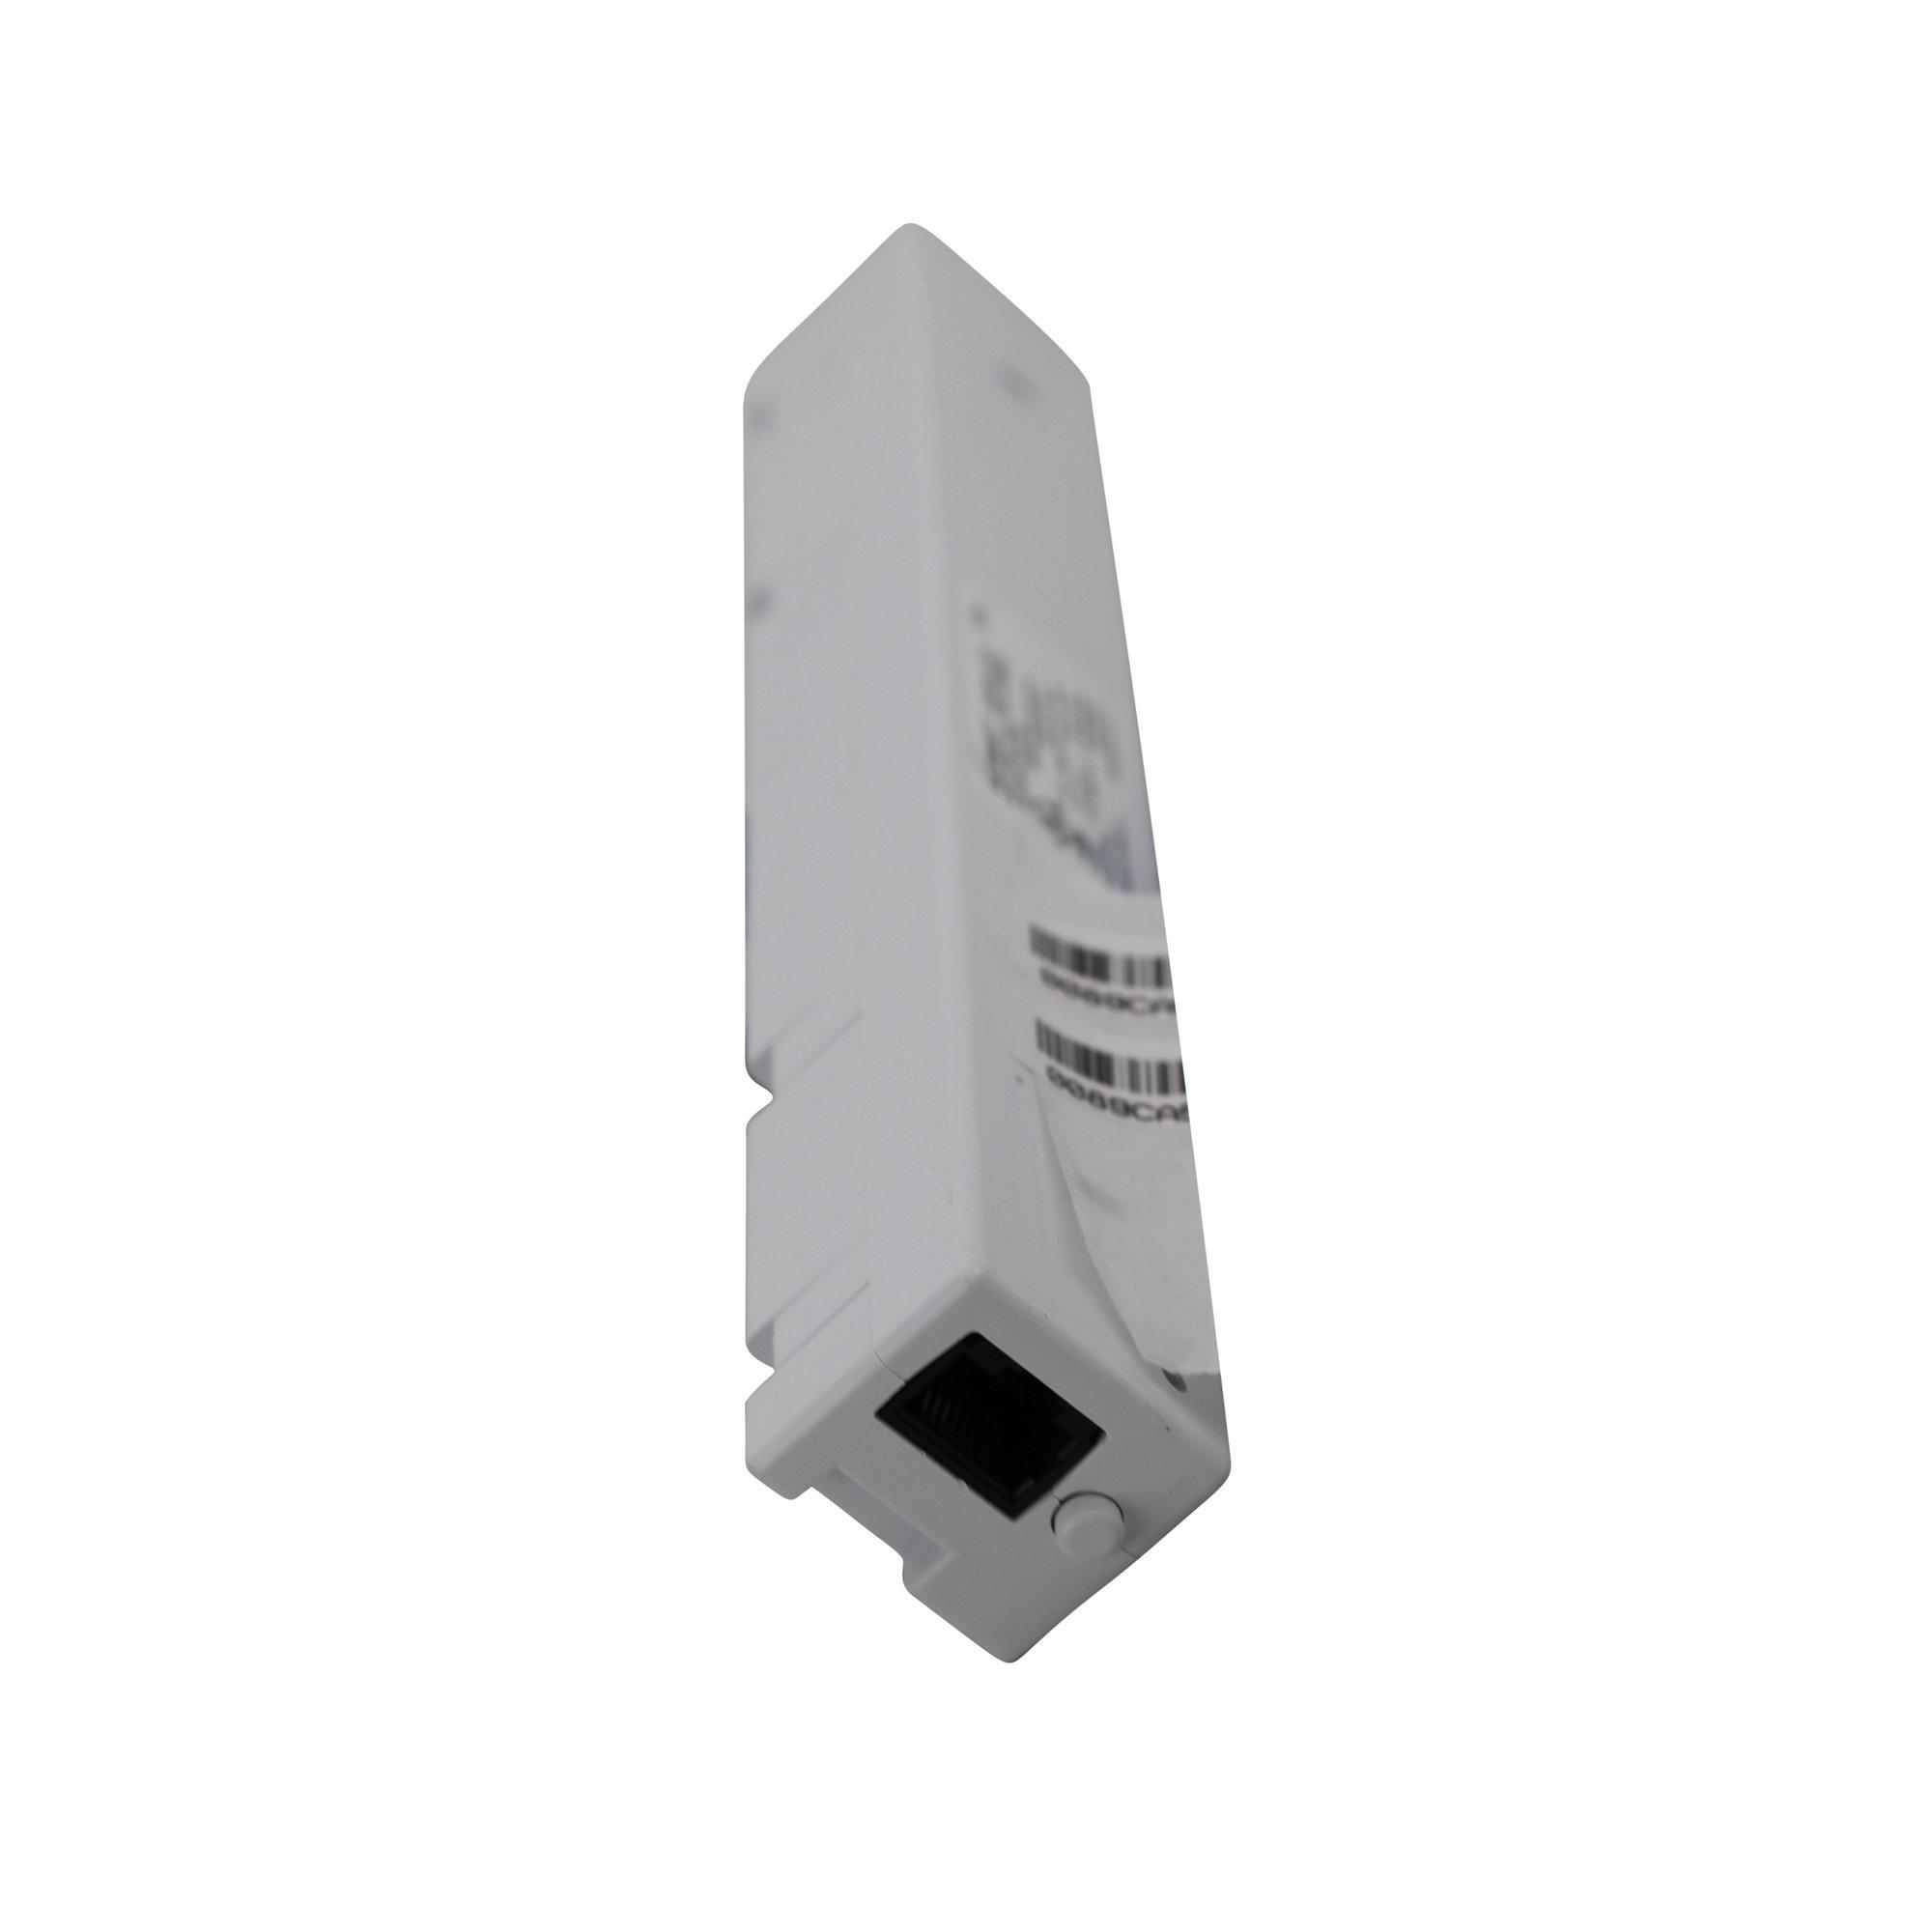 Sensor Switch nEPP5-D-KO Linear Power Relay Pack Dimming nLight, White